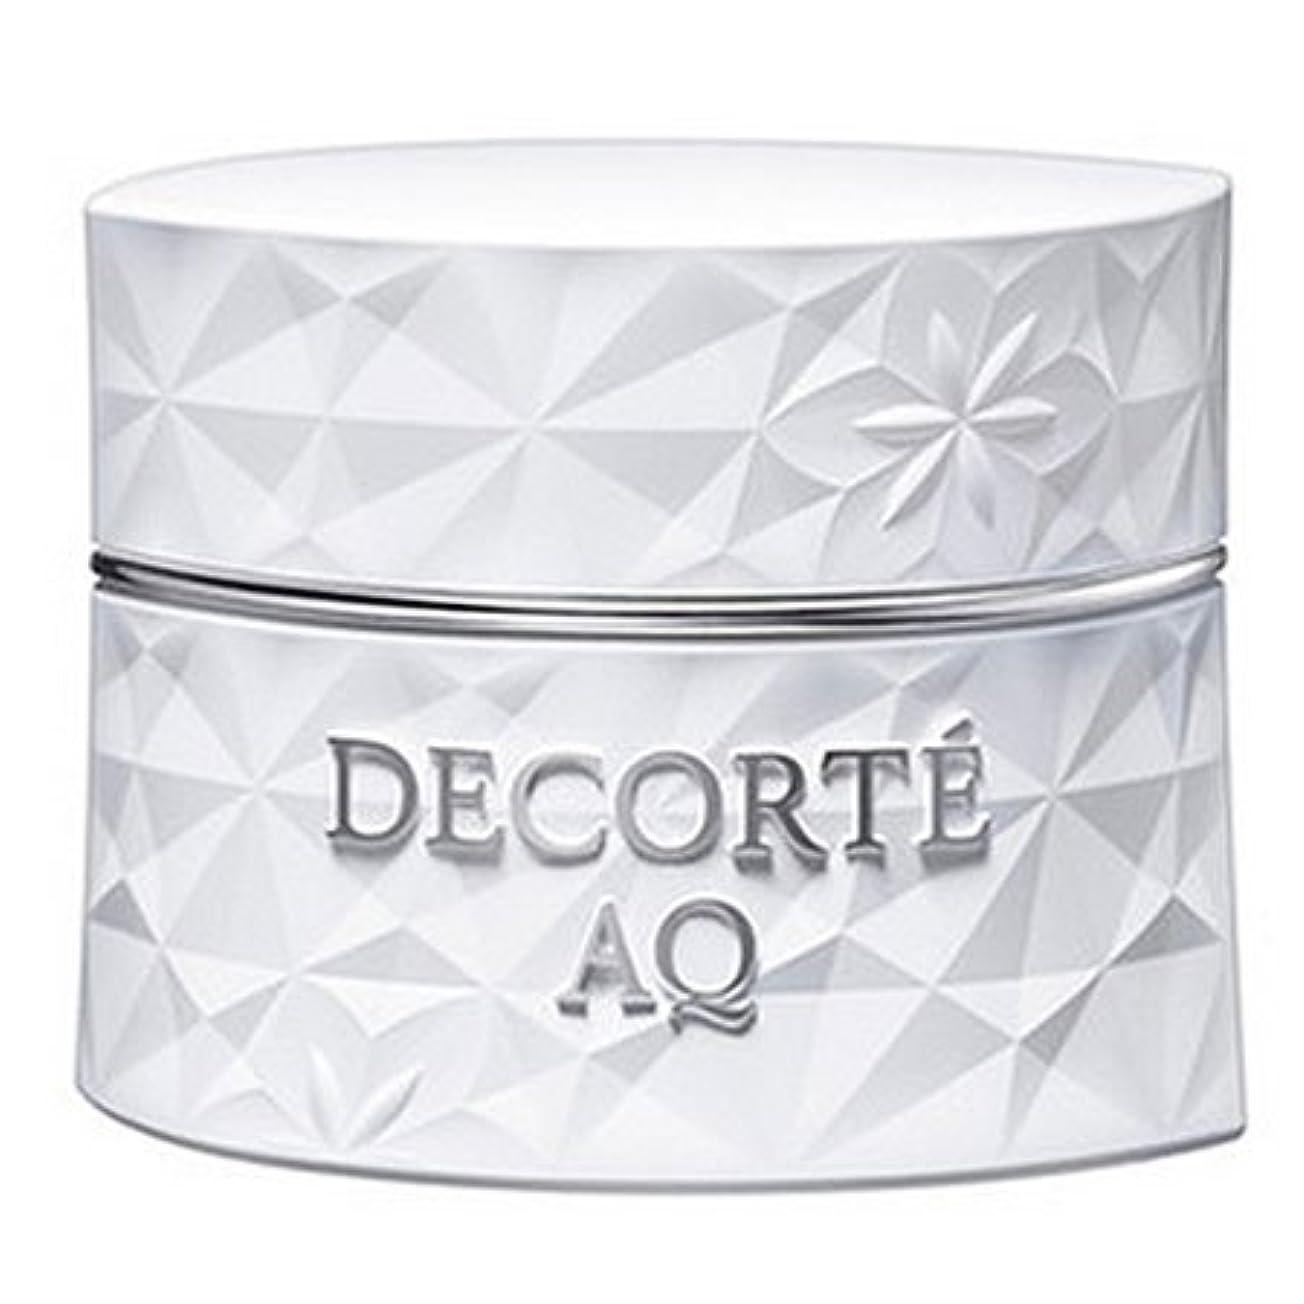 悲惨なホイストハンドブックコスメデコルテ AQ ホワイトニング クリーム 25g-COSME DECORTE-